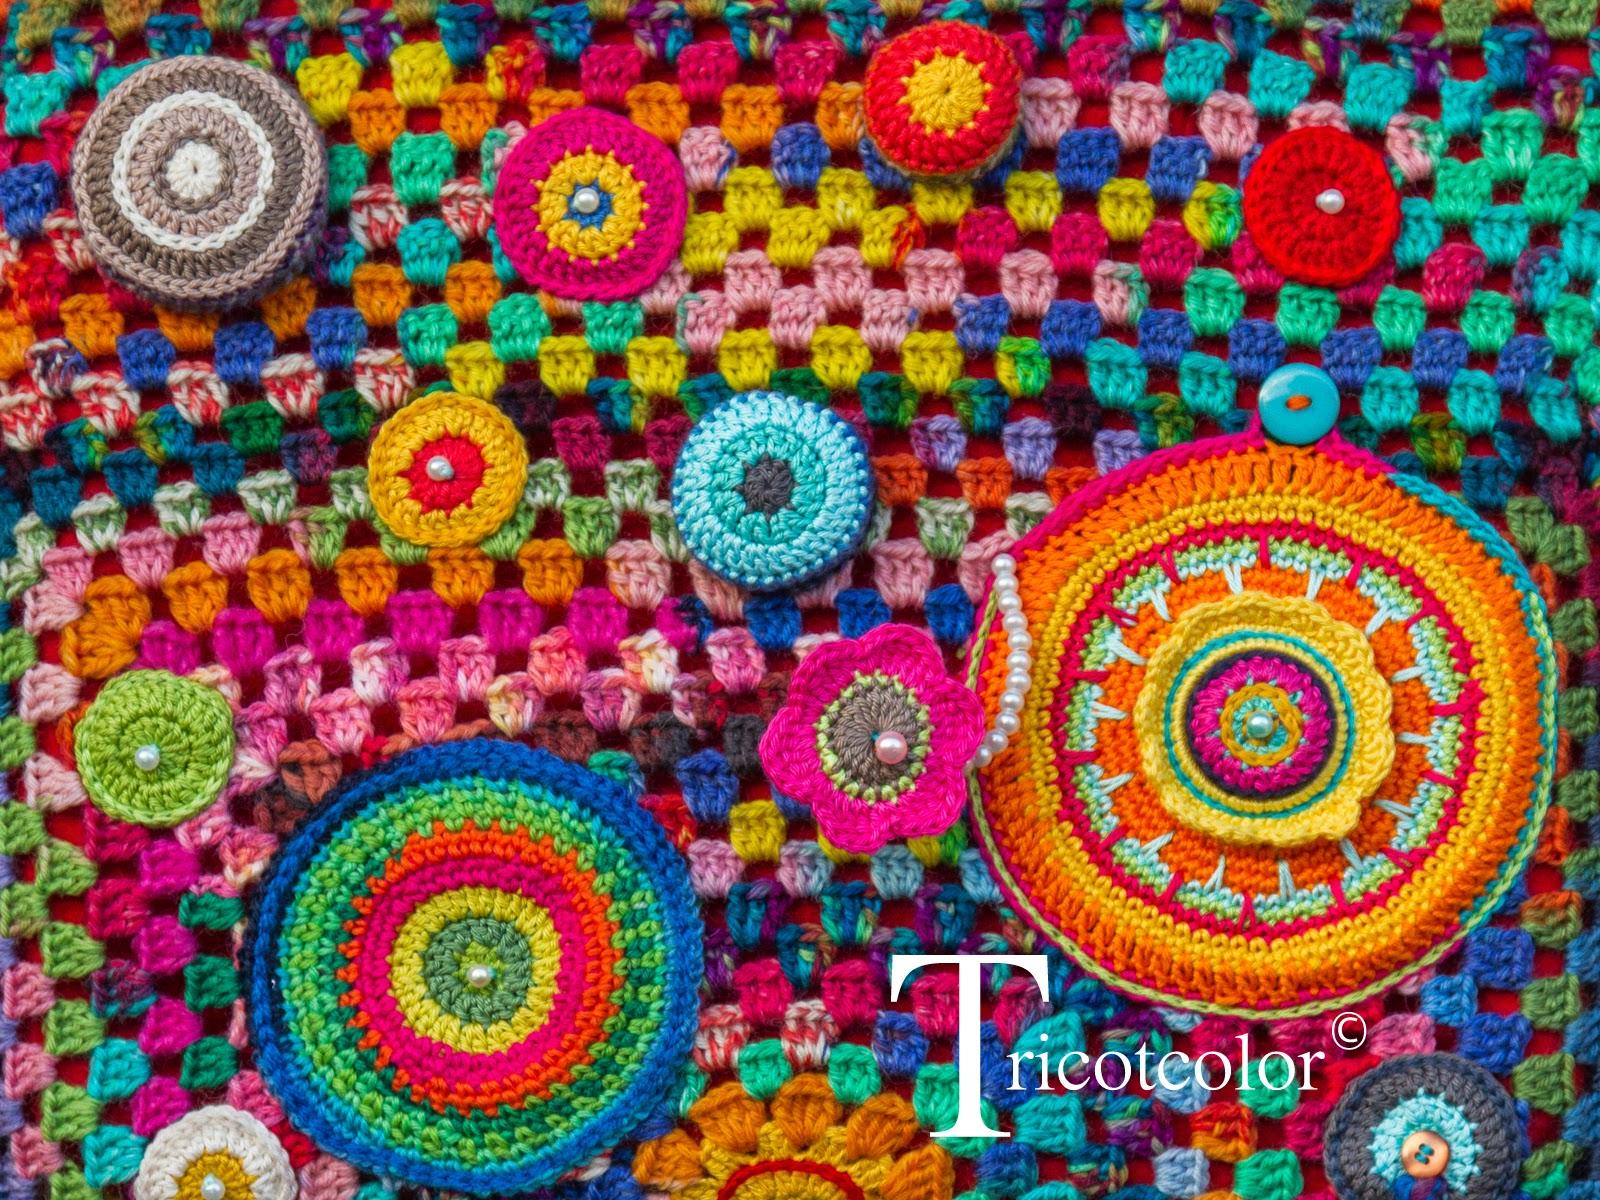 Разное из мира вязания - Страница 3 20141208-19